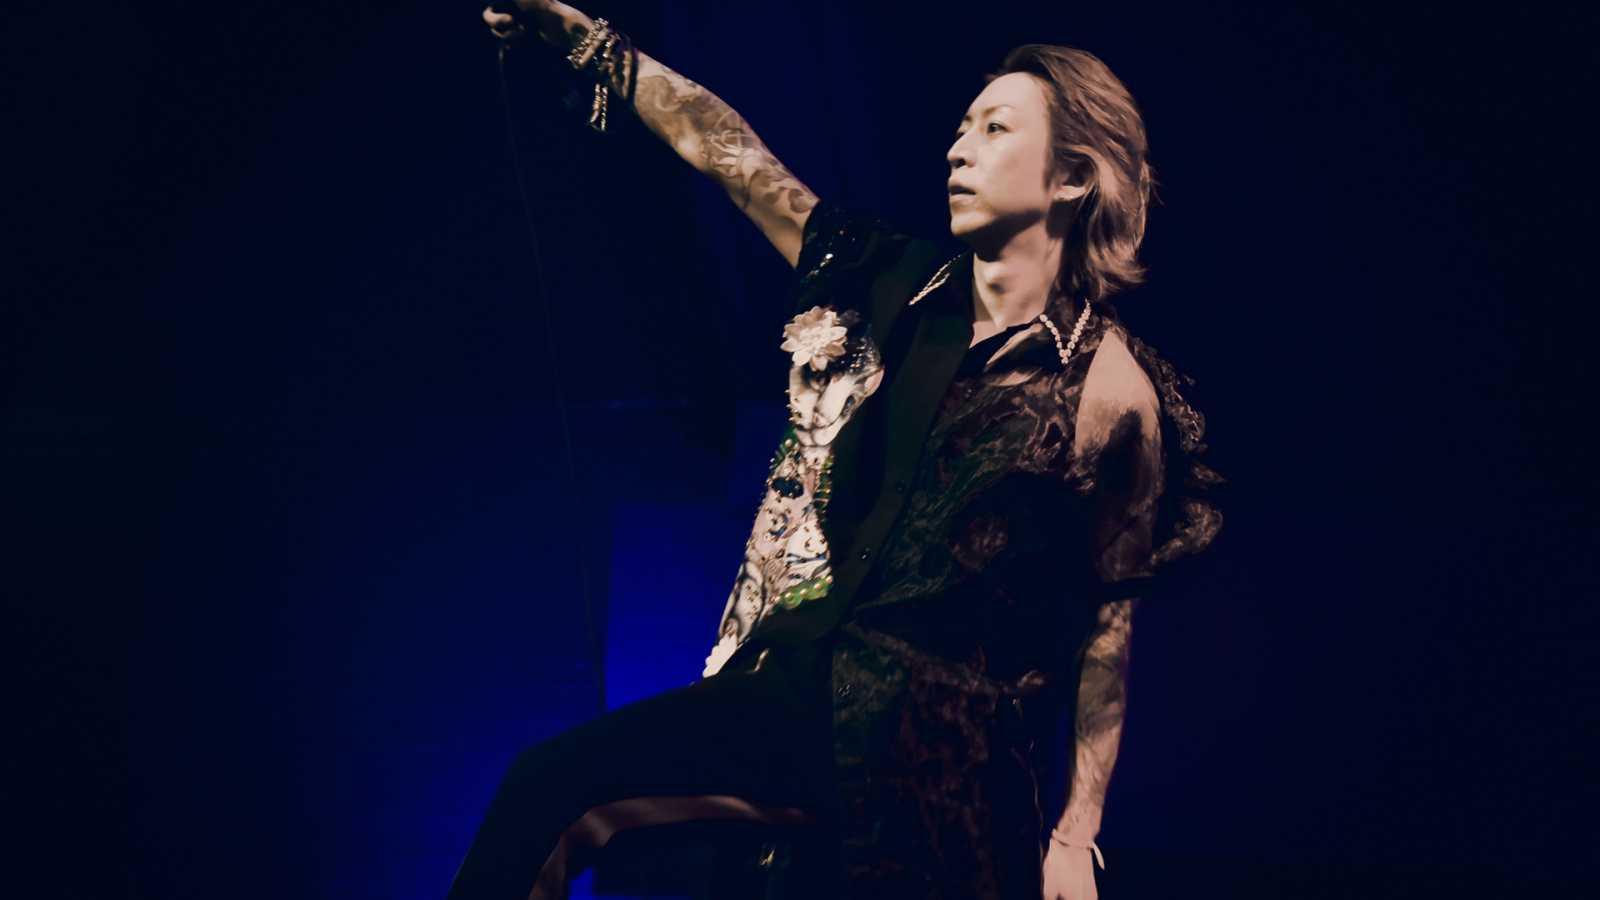 Satsuki feierte sein 10. Jubiläum live in Berlin